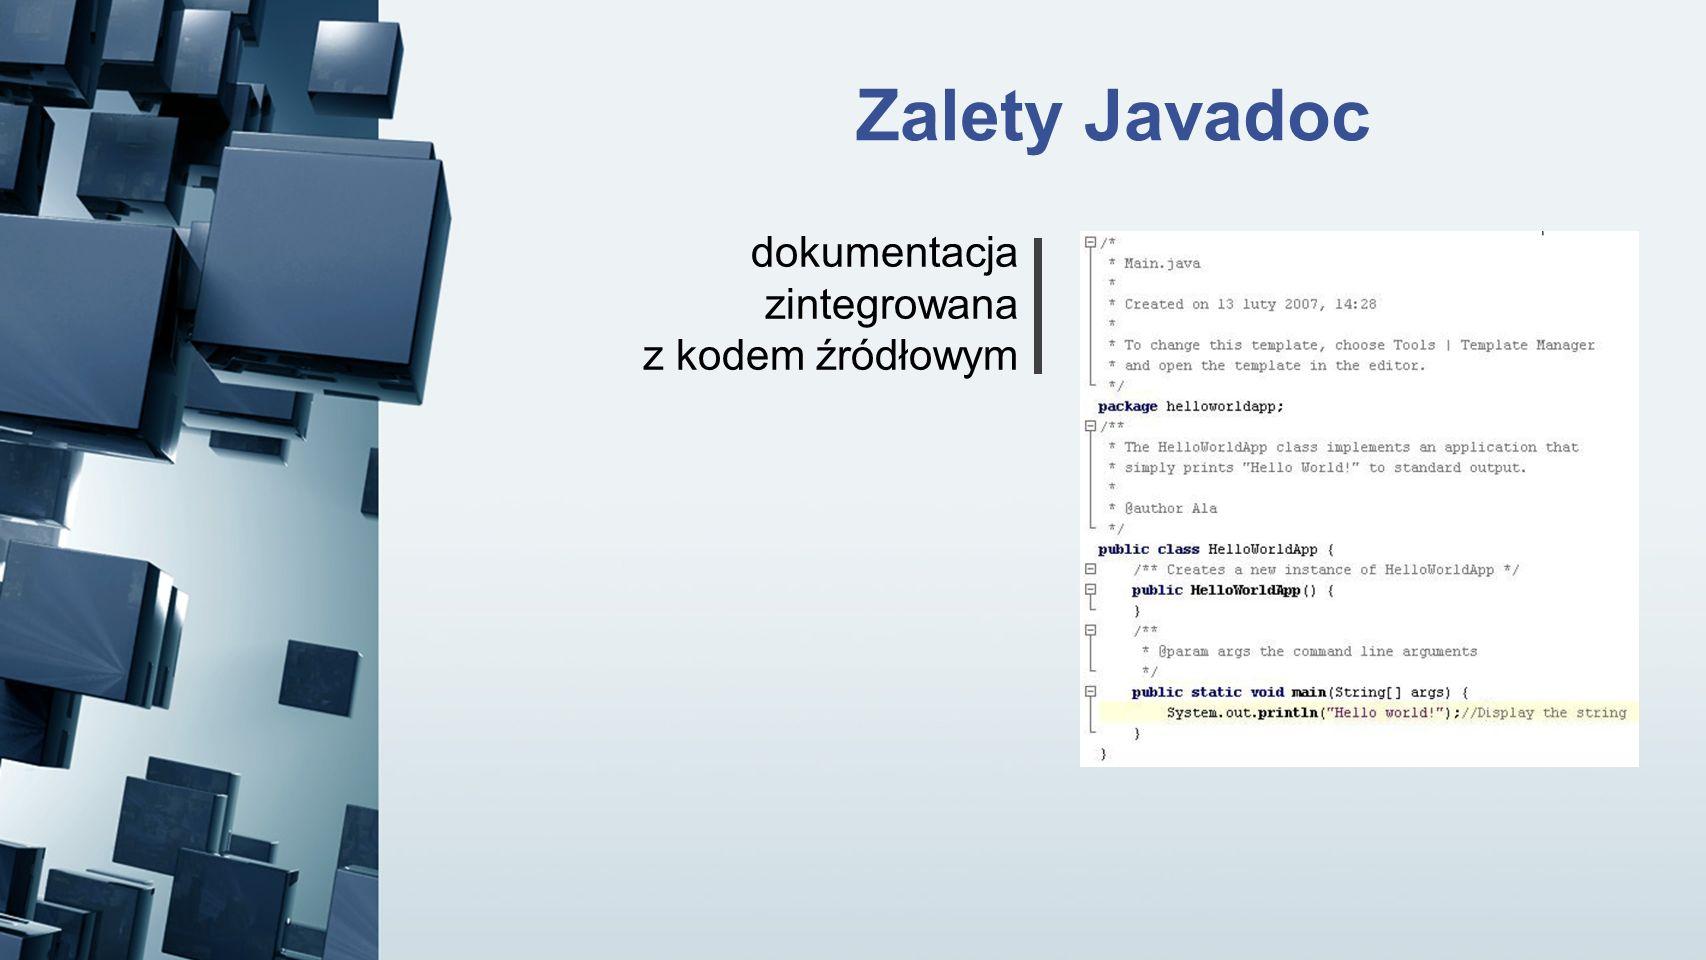 Zalety Javadoc dokumentacja zintegrowana z kodem źródłowym